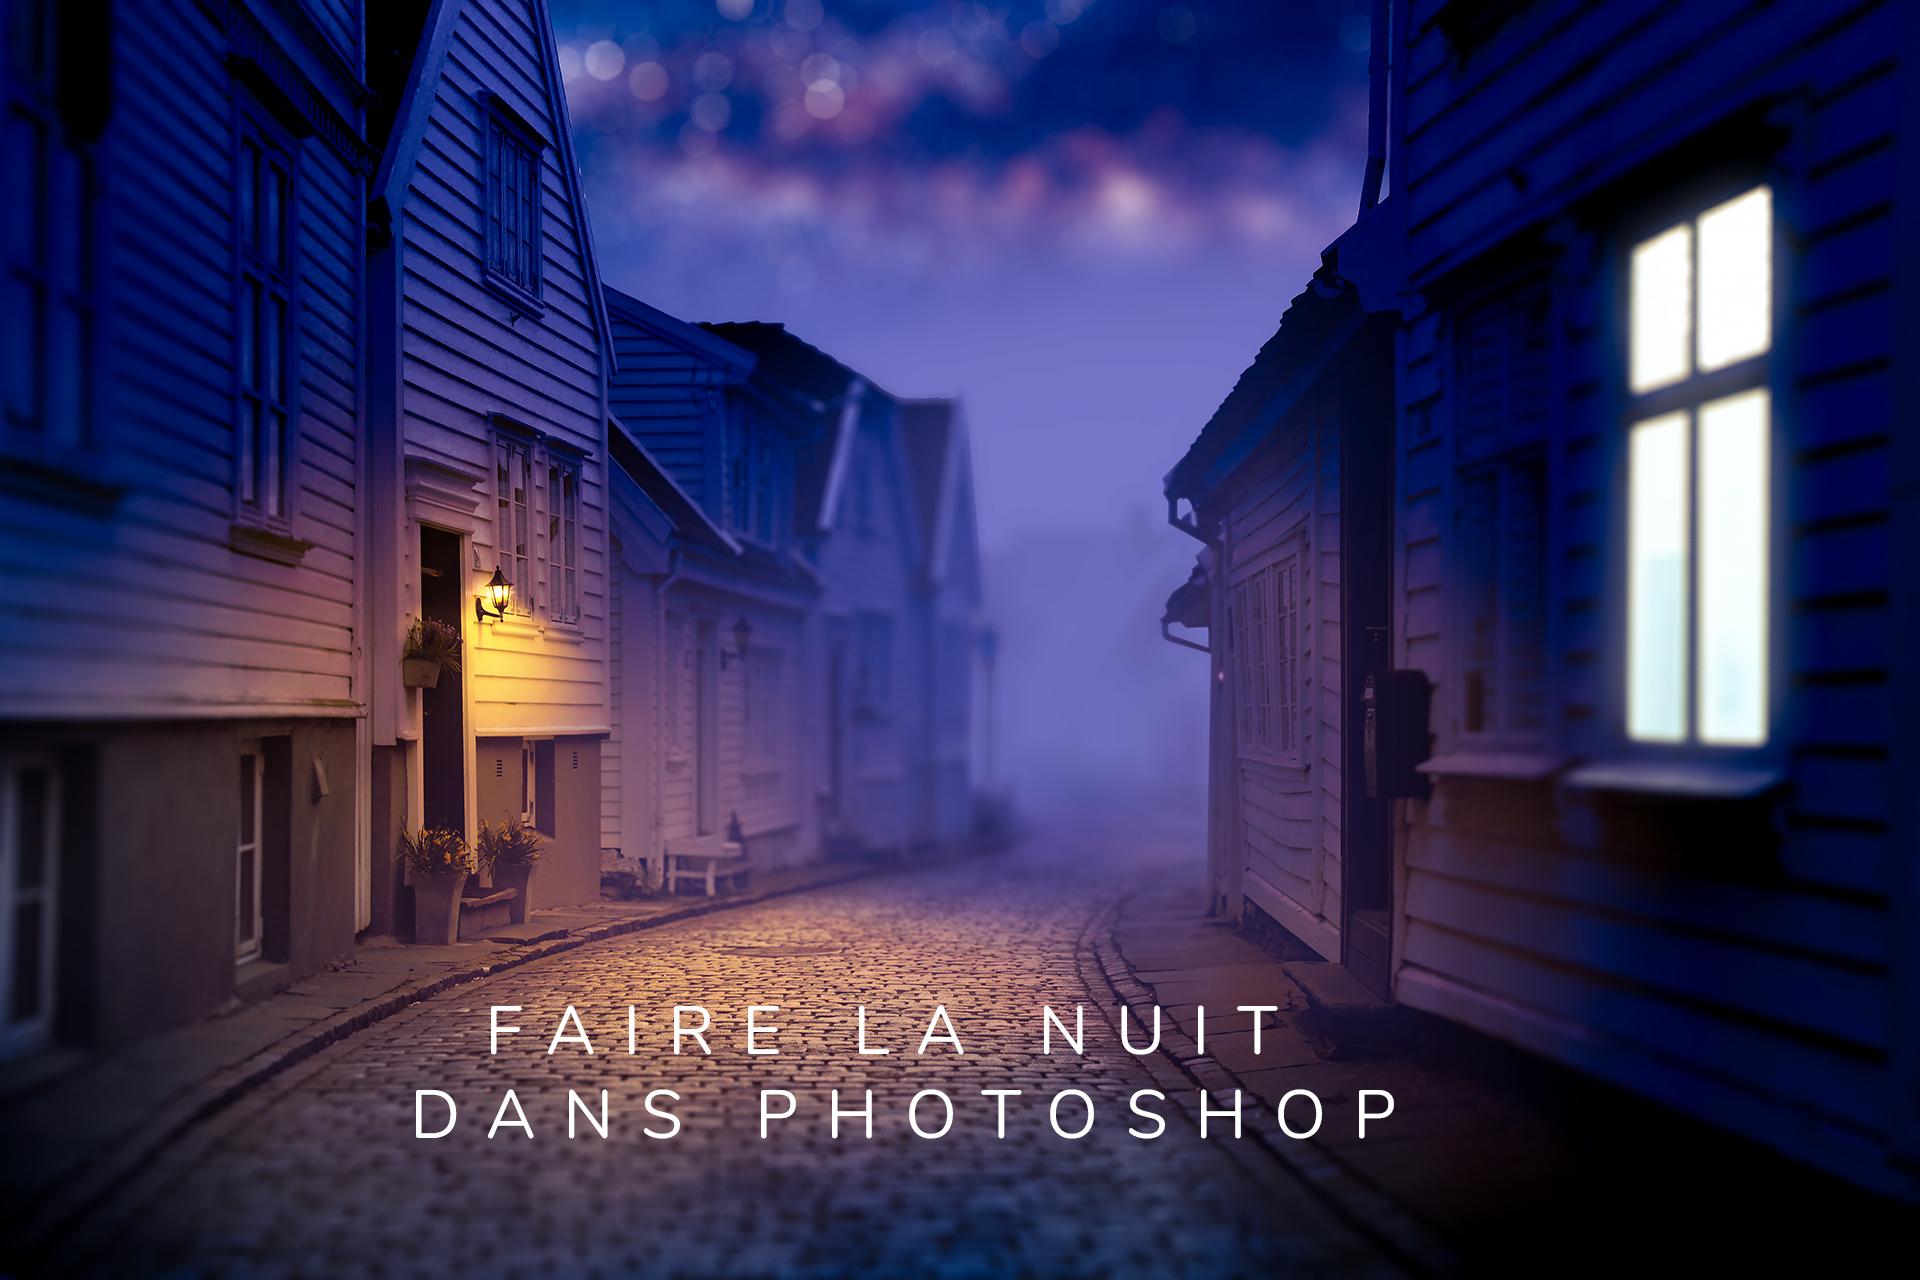 Changer une photo de jour en photo de nuit